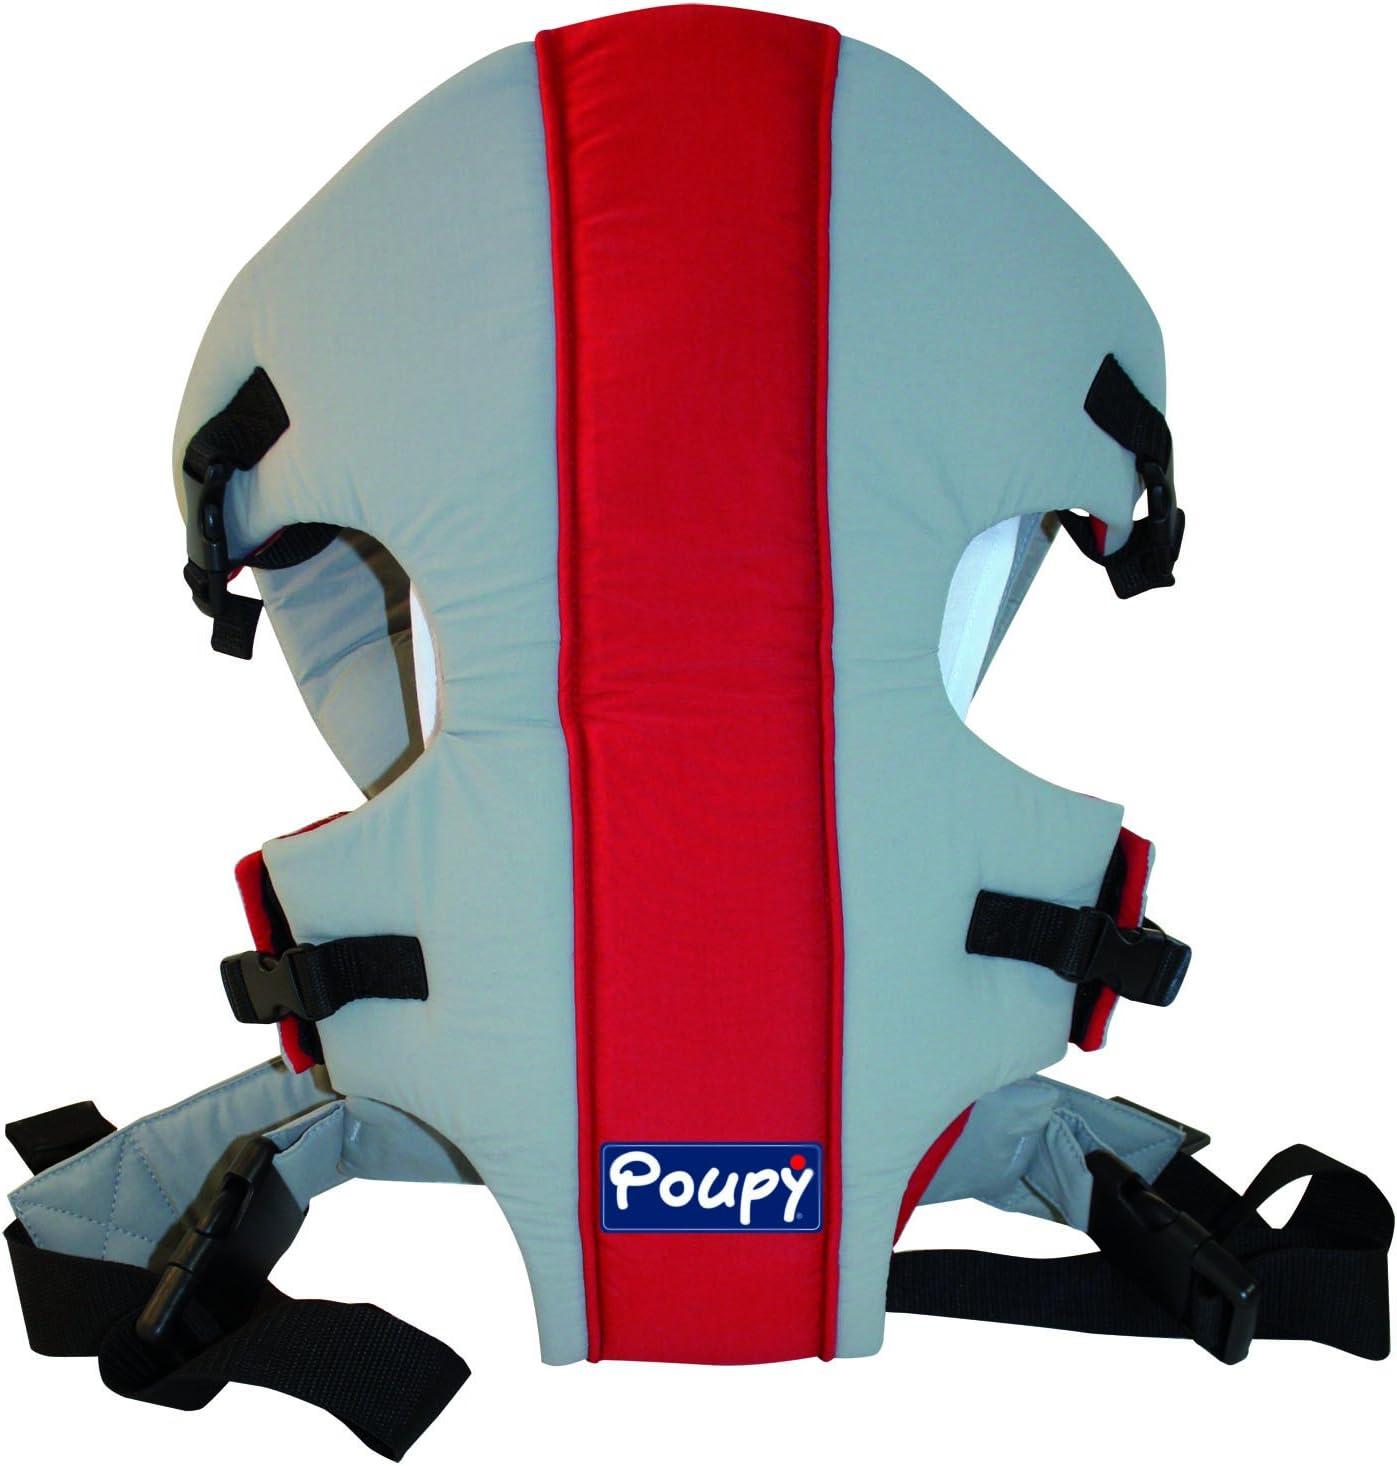 Poupy 8010.6/Porte-b/éb/é Porte-b/éb/é